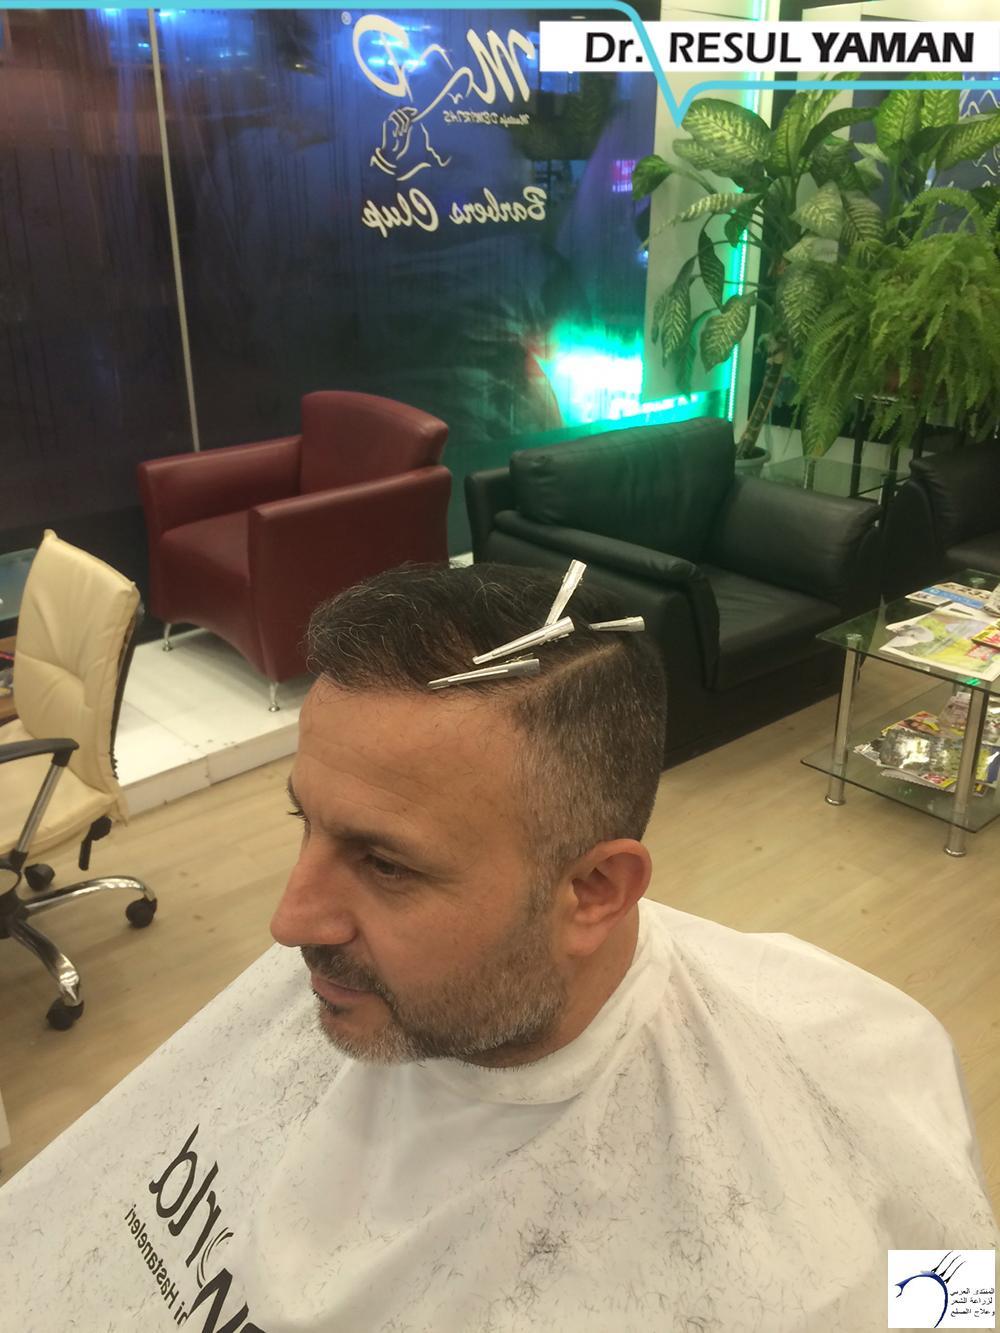 نتيجة السيد Emin Demir زراعة www.hairarab.com18ac